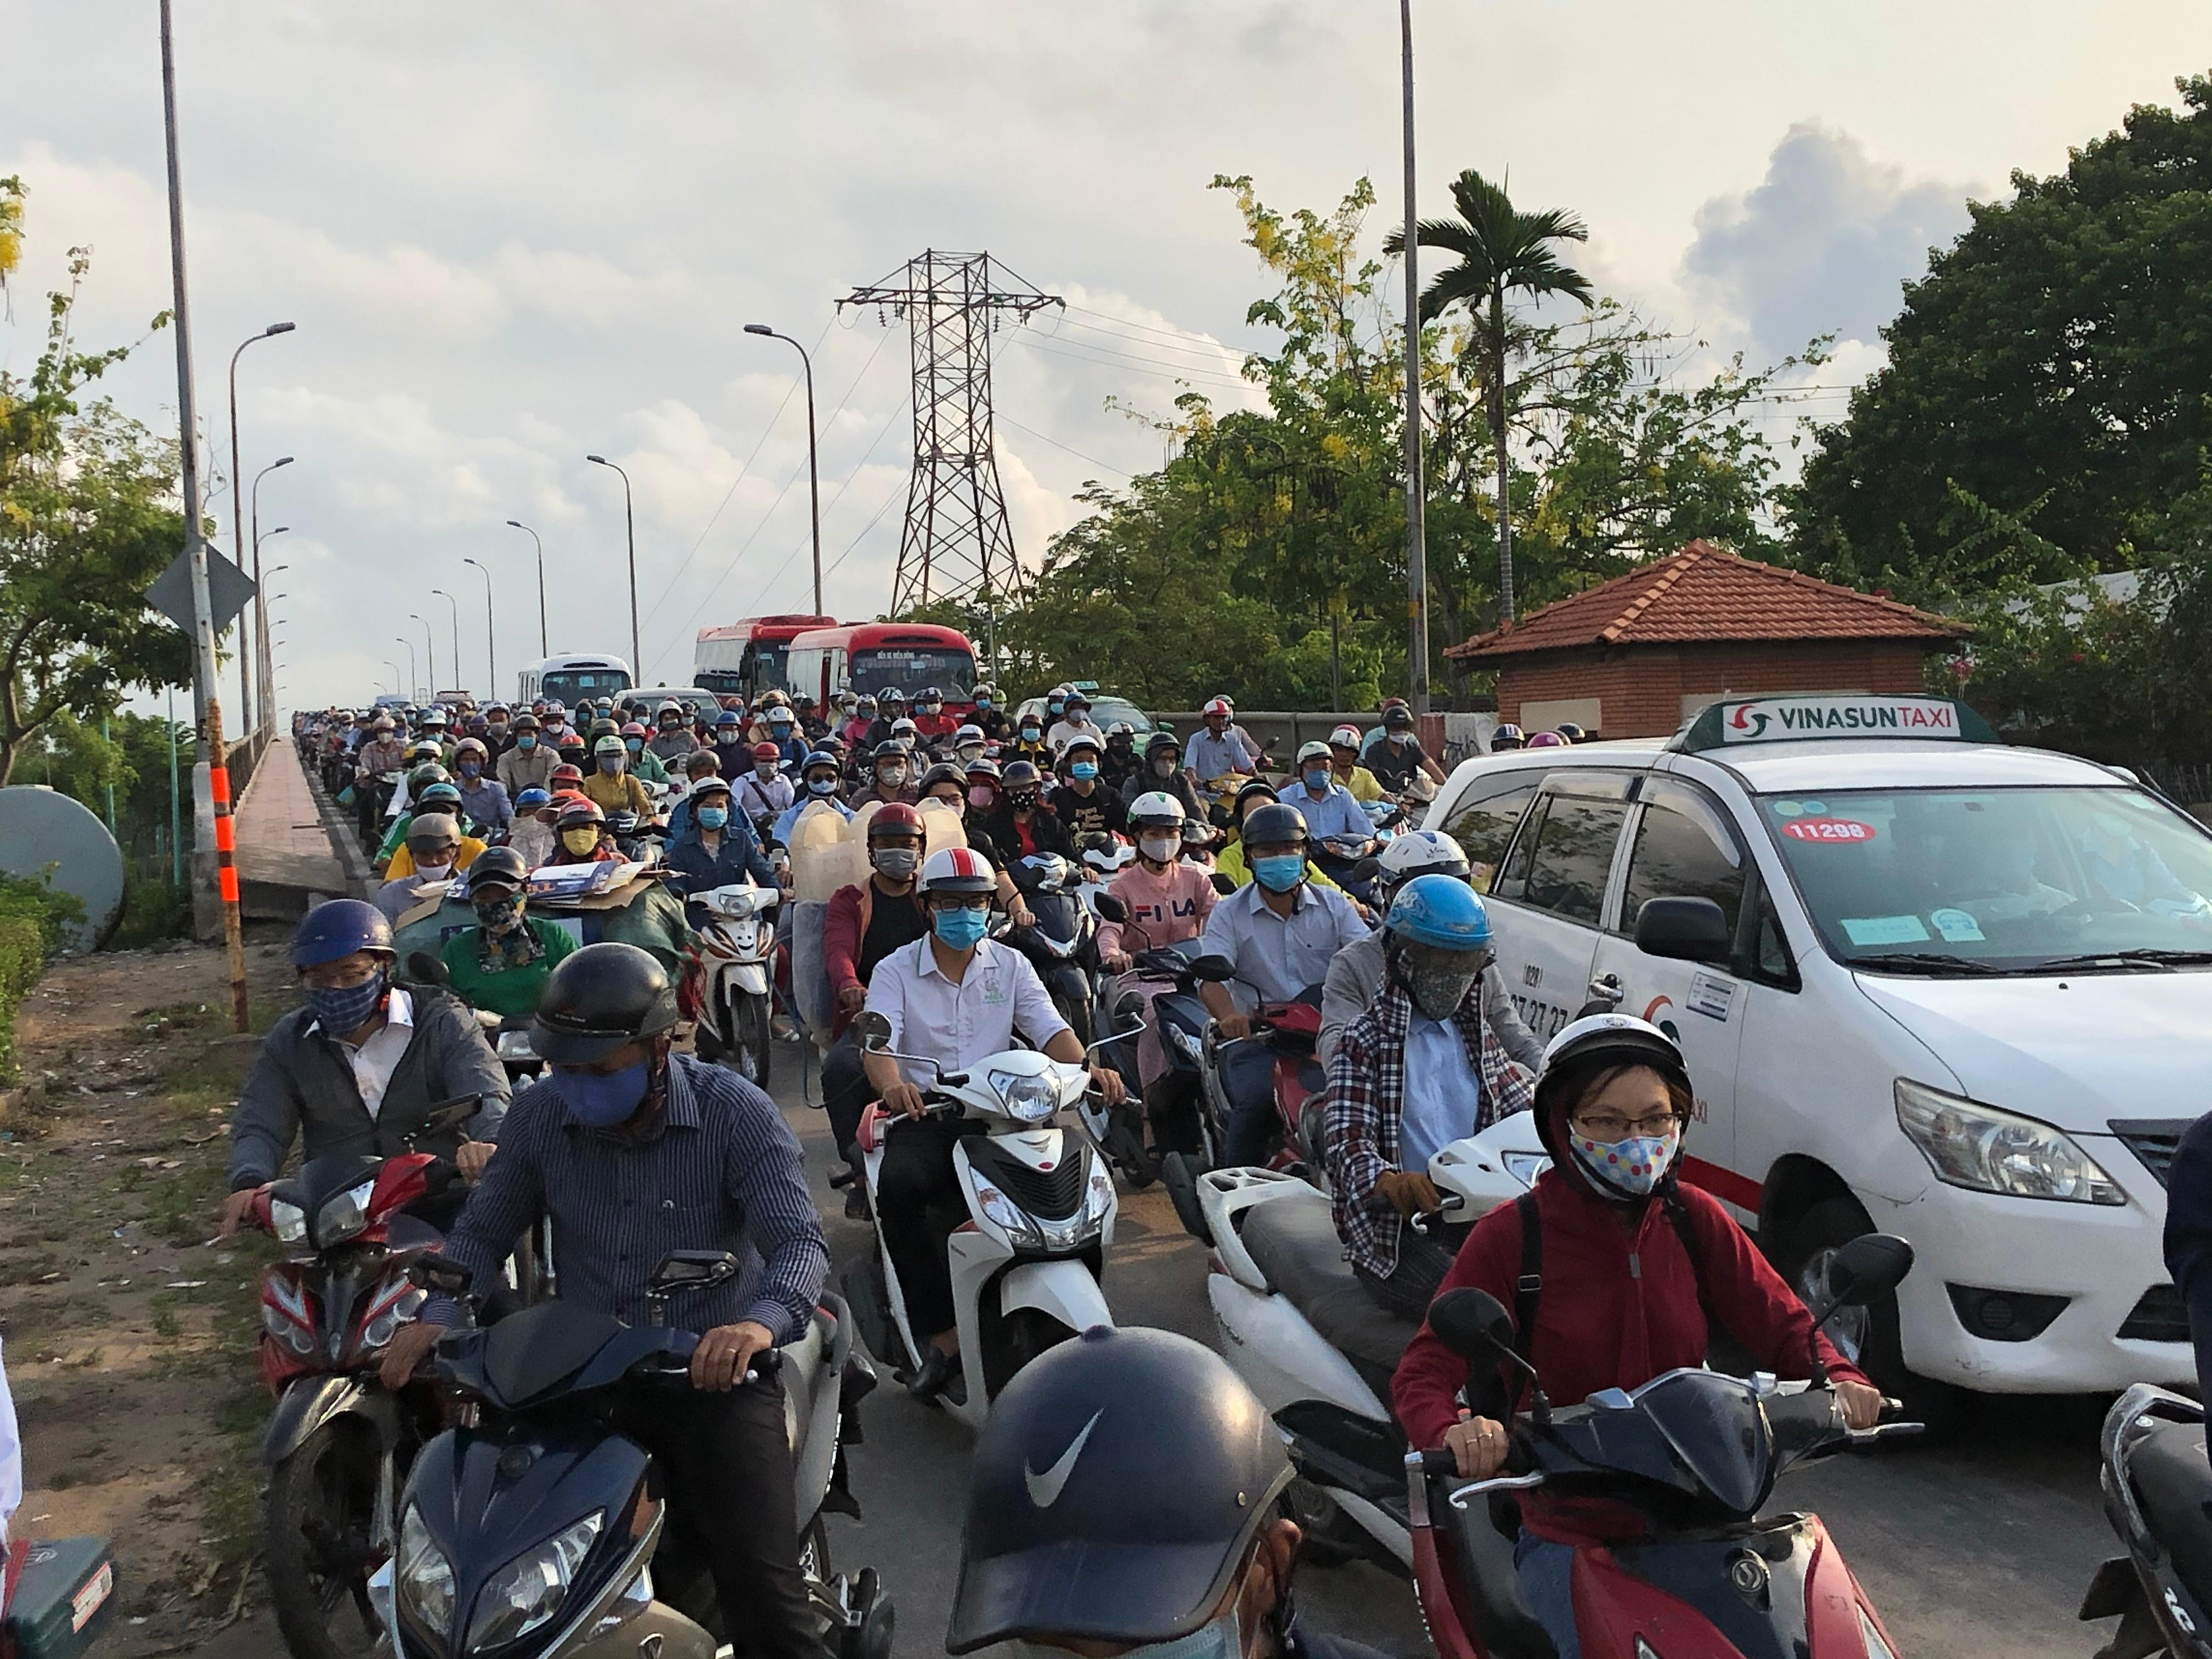 Sài Gòn kẹt xe trở lại Ảnh 1